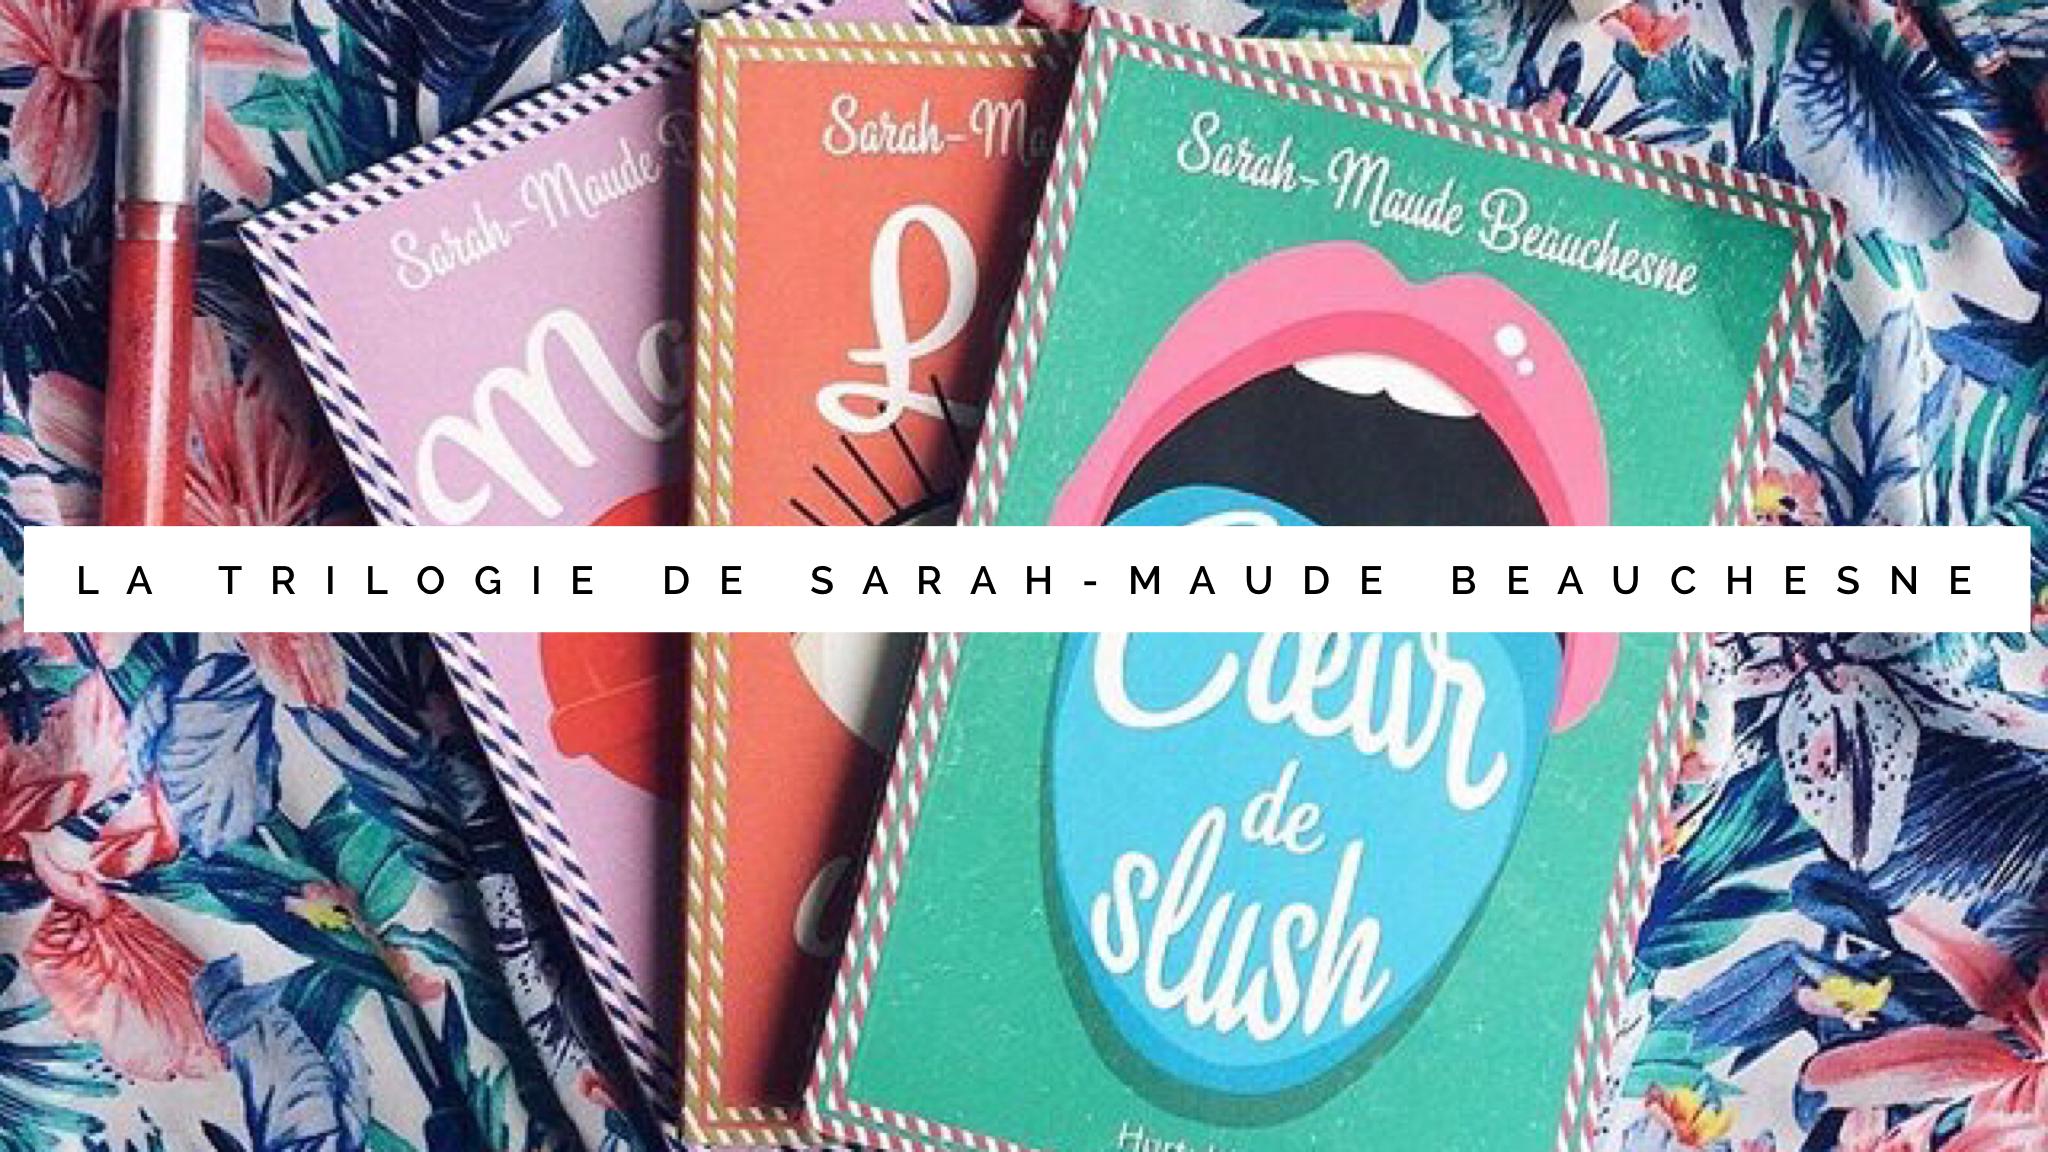 Jen parle de la trilogie de Sarah-Maude Beauchesne